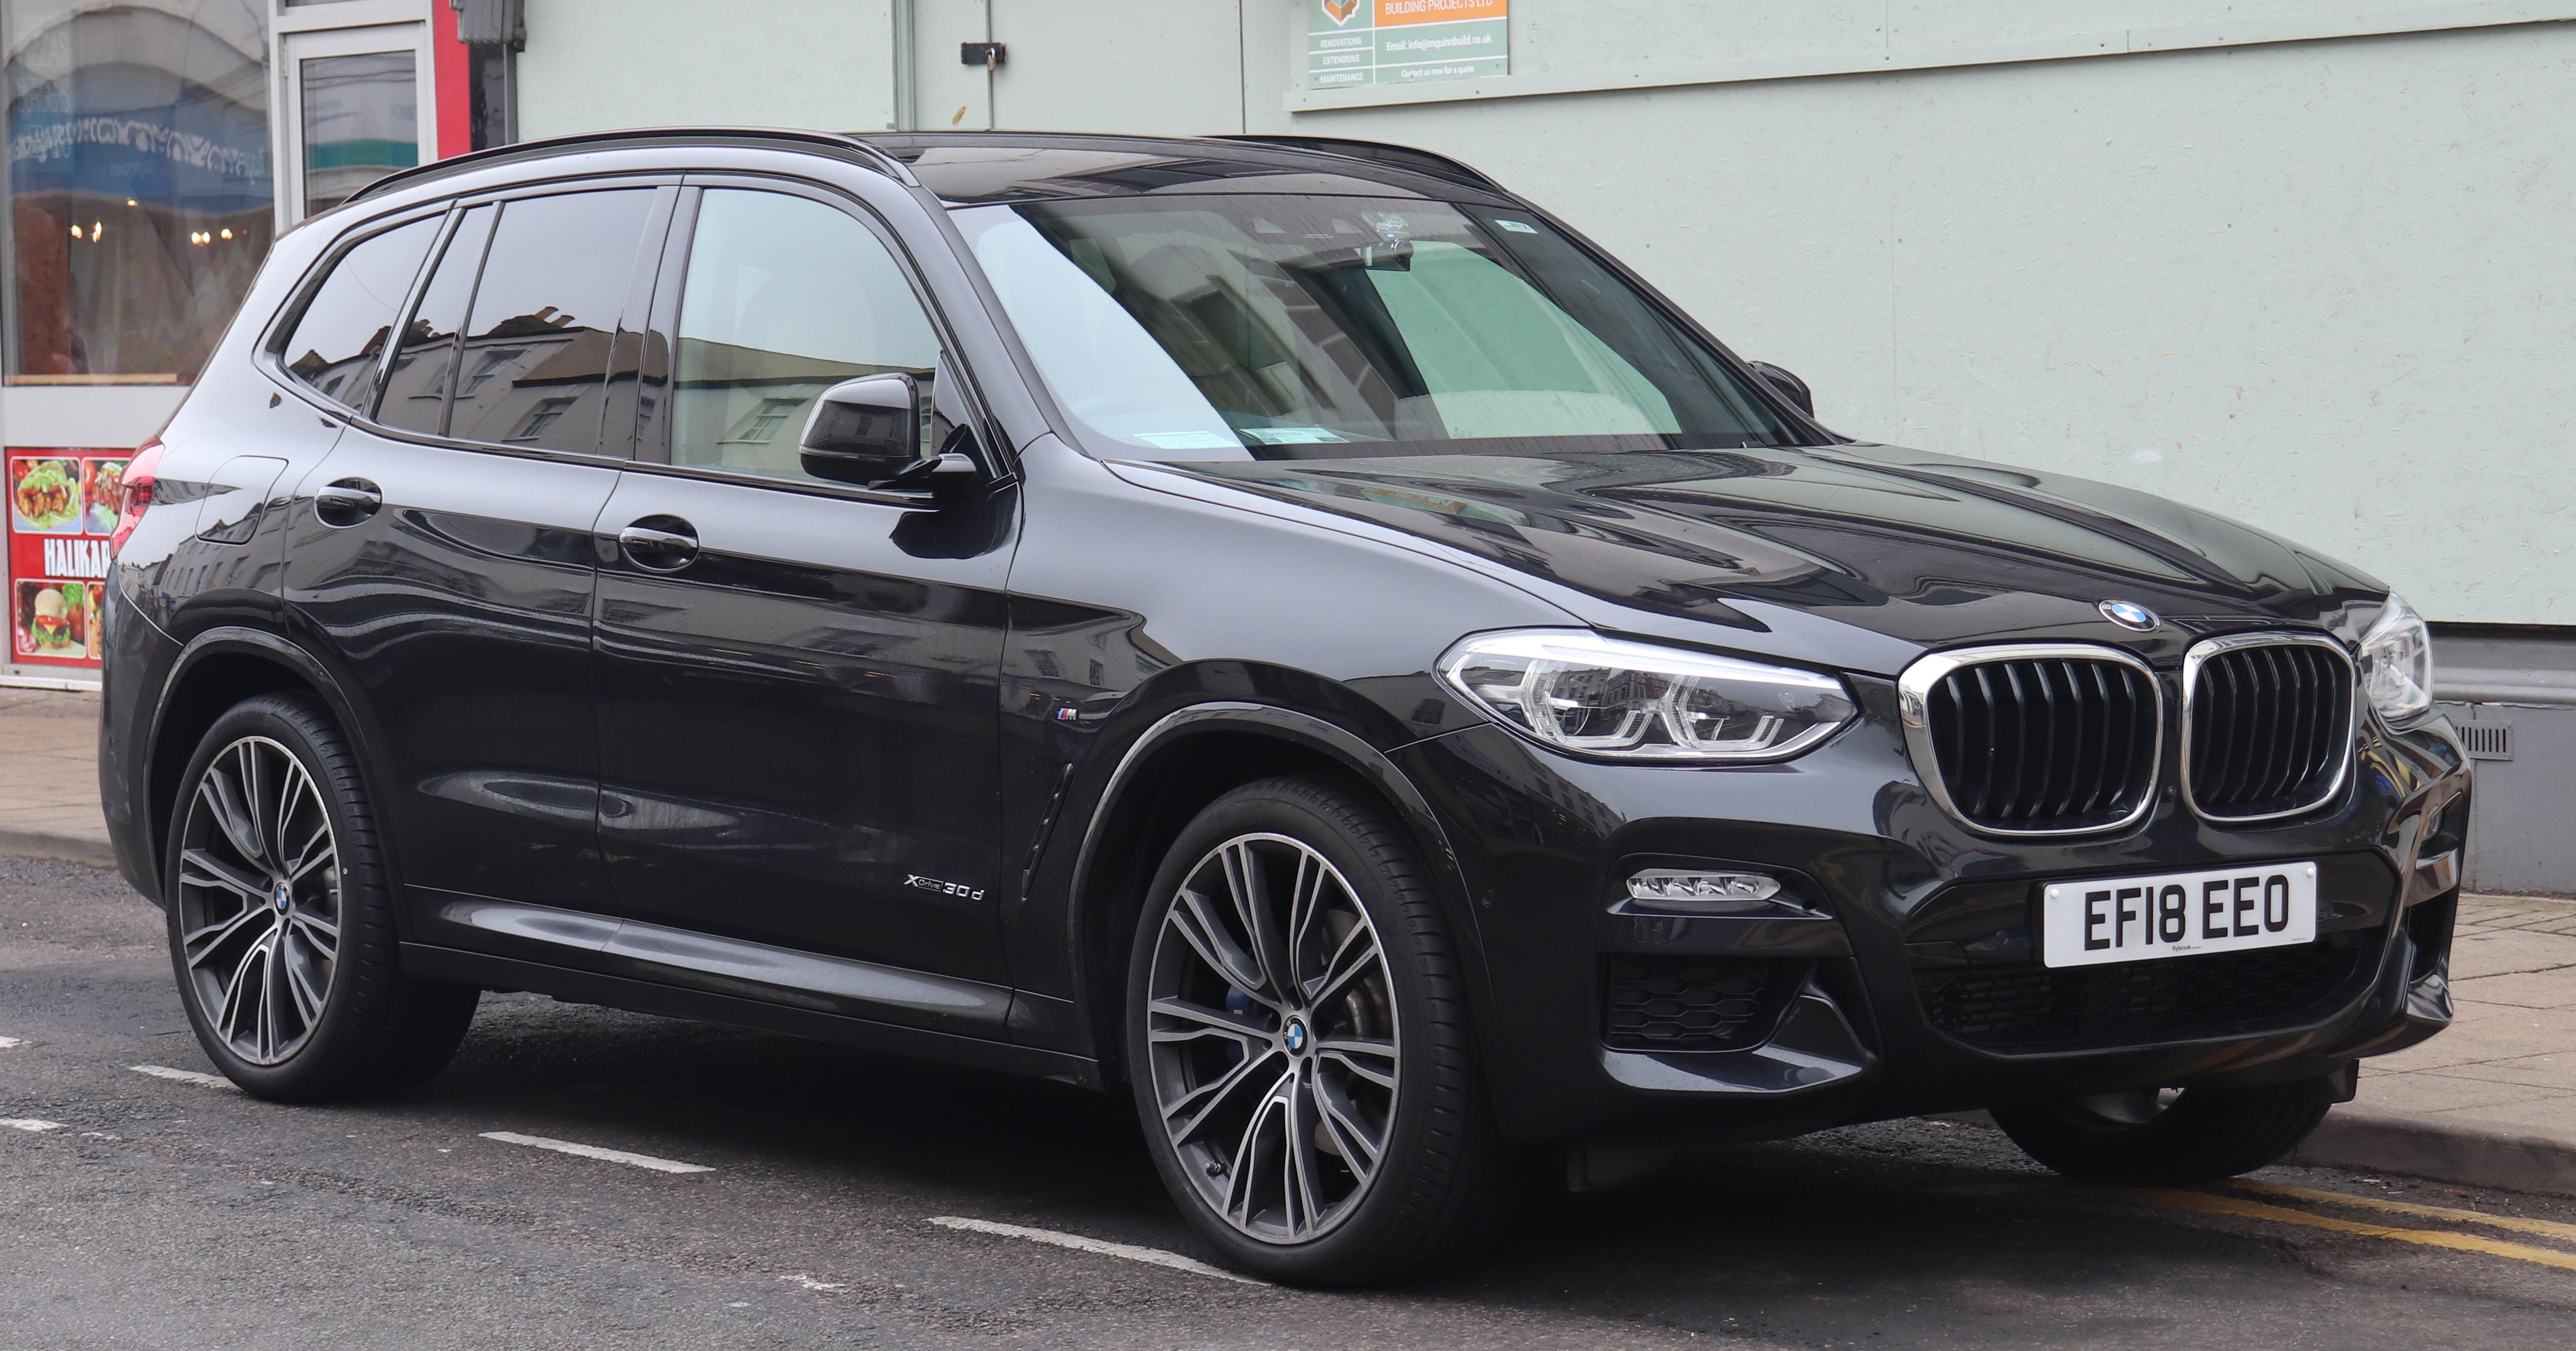 BMW X3 - Wikiwand